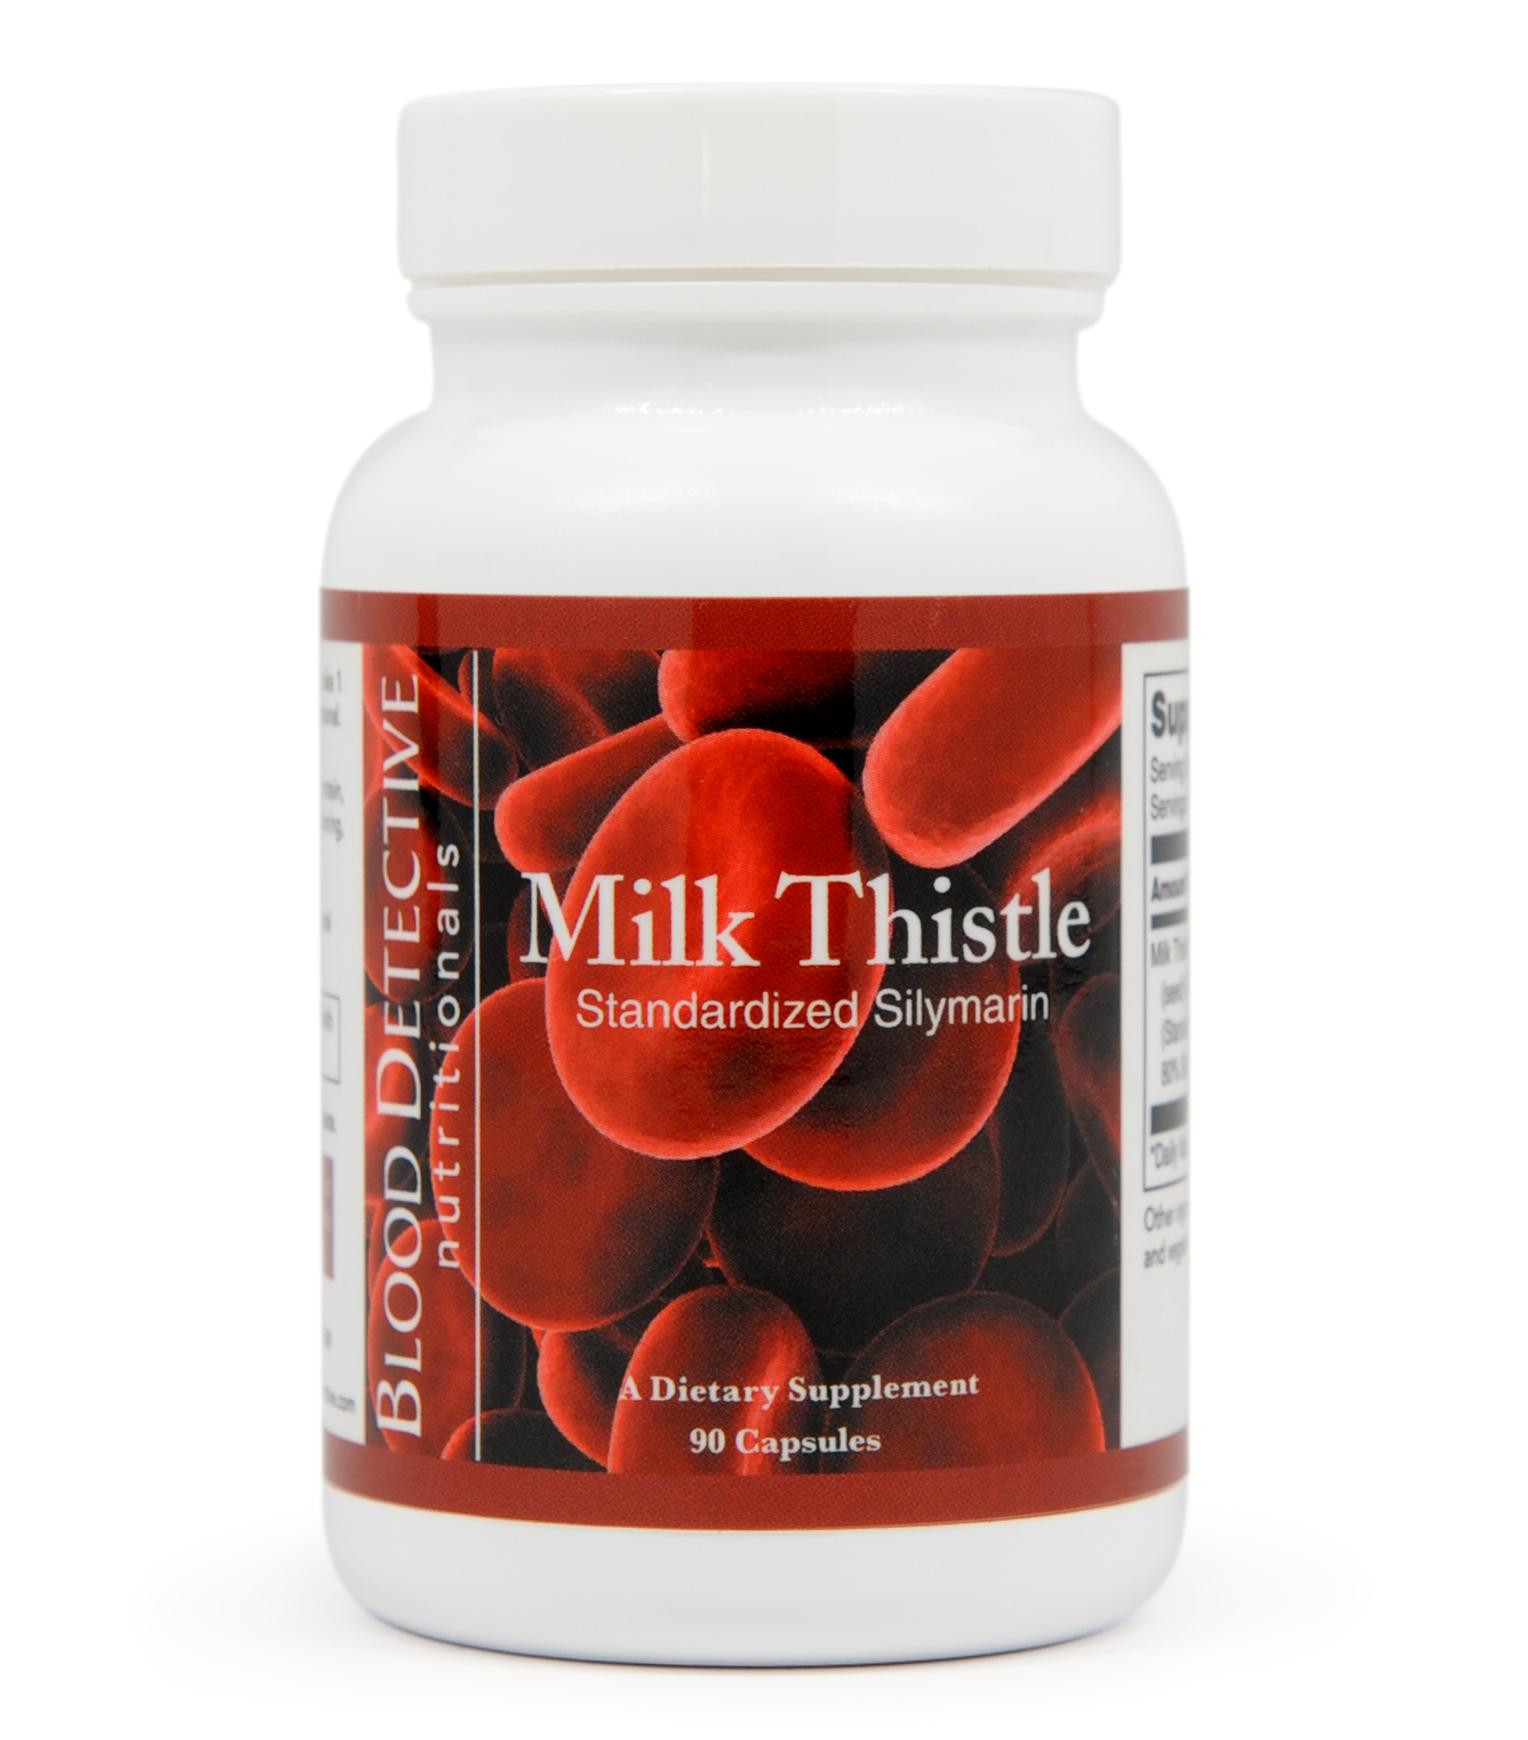 MilkThistle-200x300.jpg